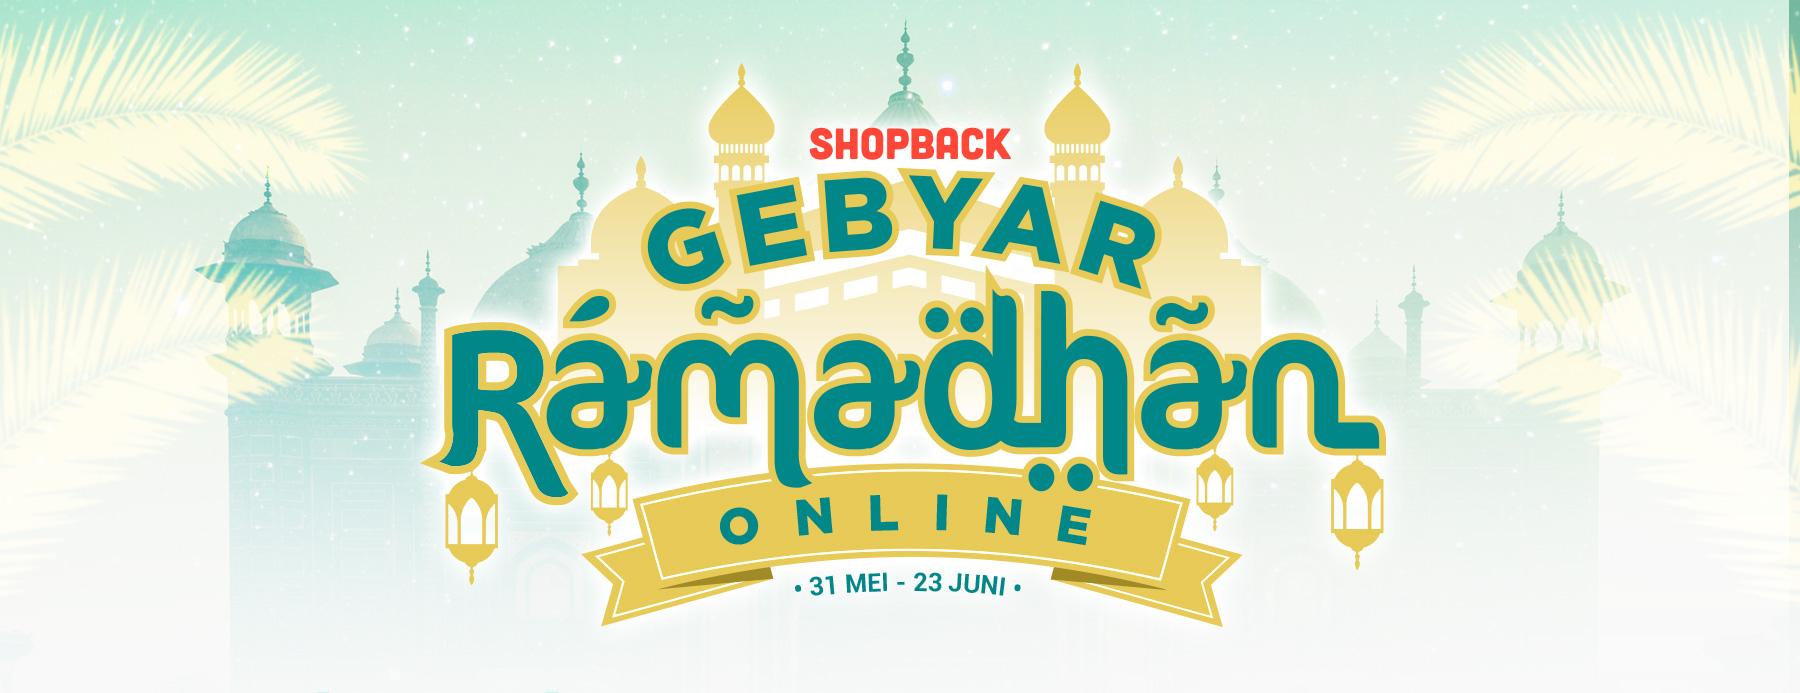 Promo Ramadhan 2018: Gebyar Ramadhan Online Samsung Galaxy